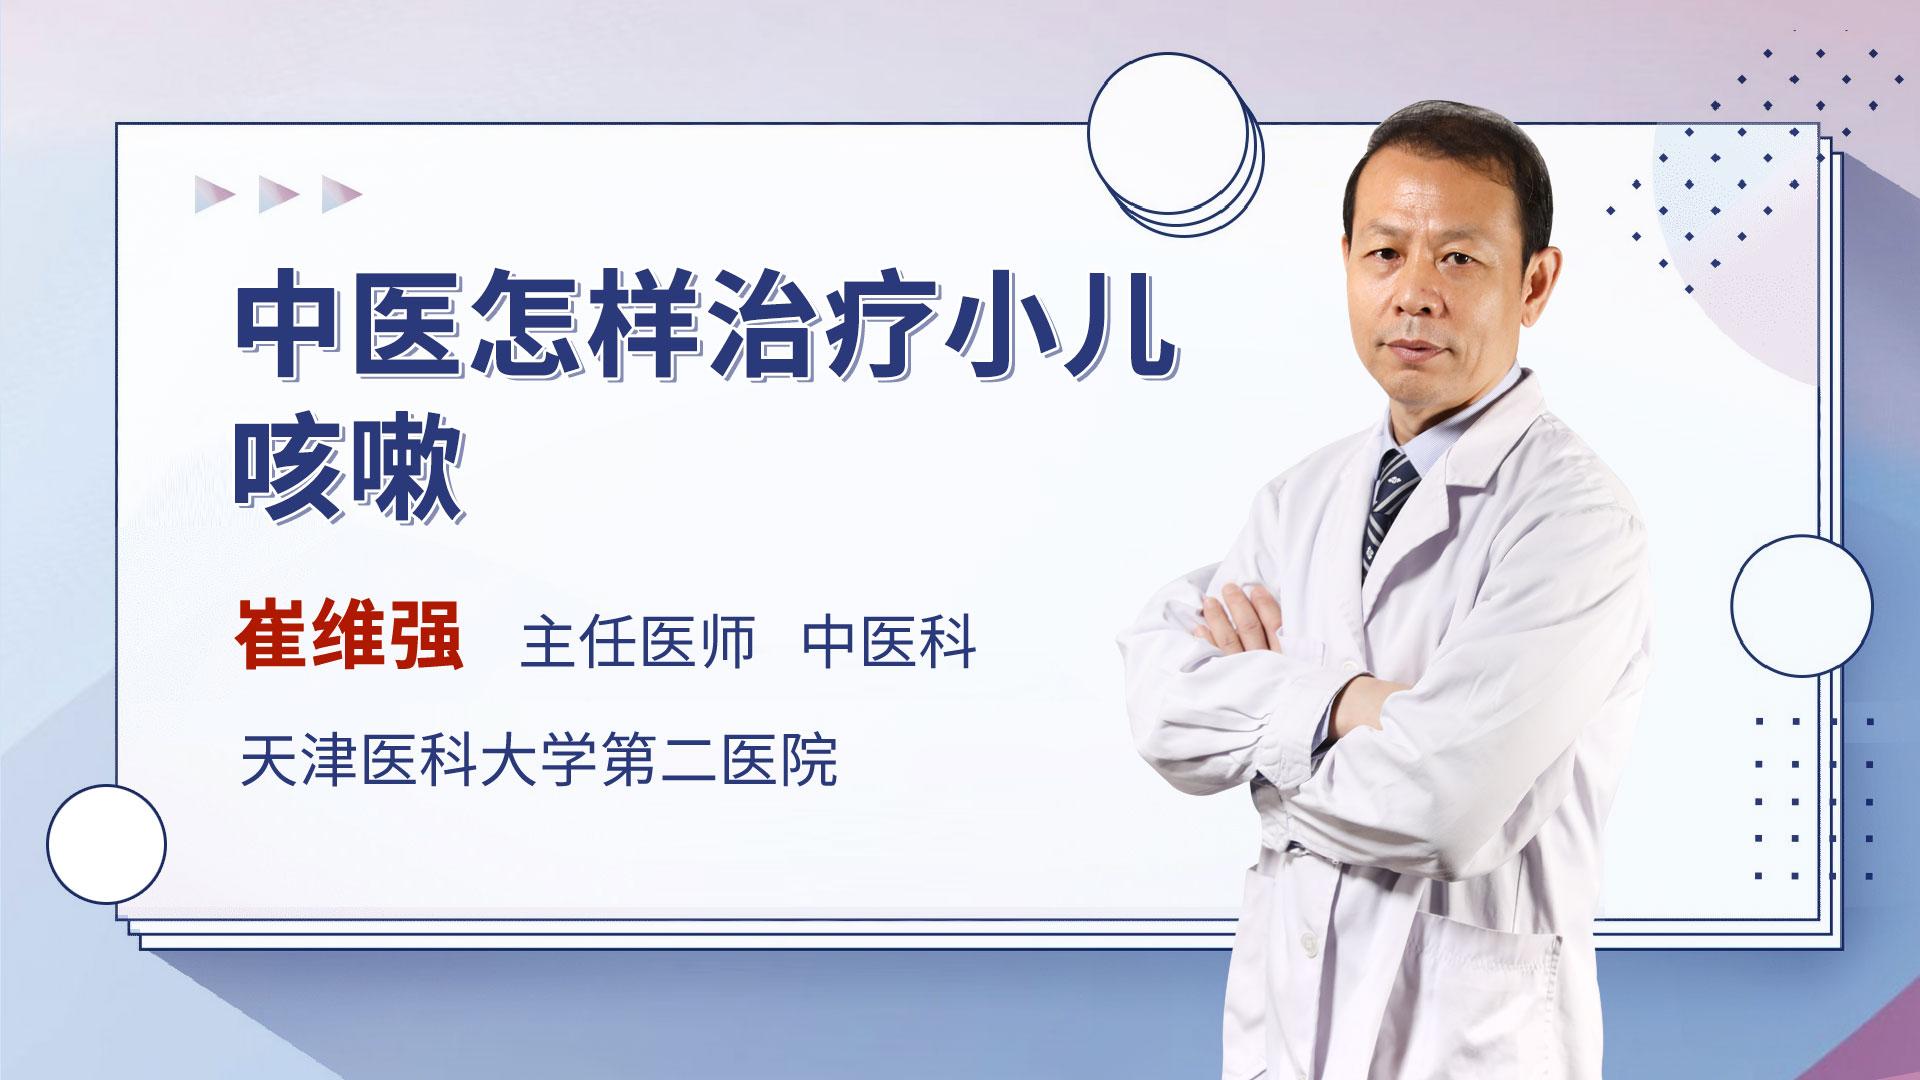 中医怎样治疗小儿咳嗽